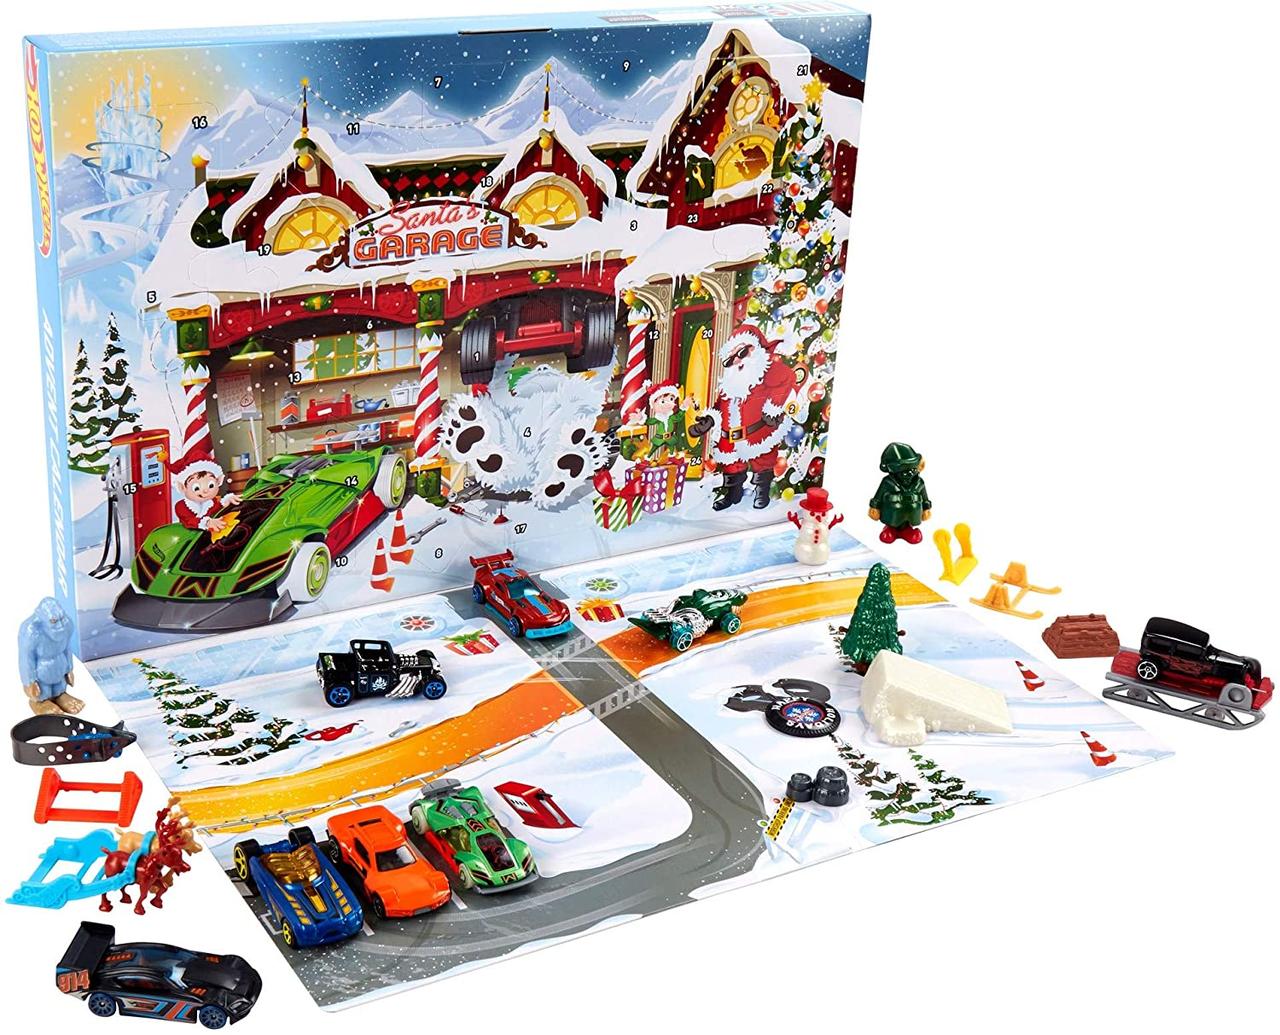 Рождественский календарь Hot Wheels 2020. Новогодний Адвент календарь Хот Вилс